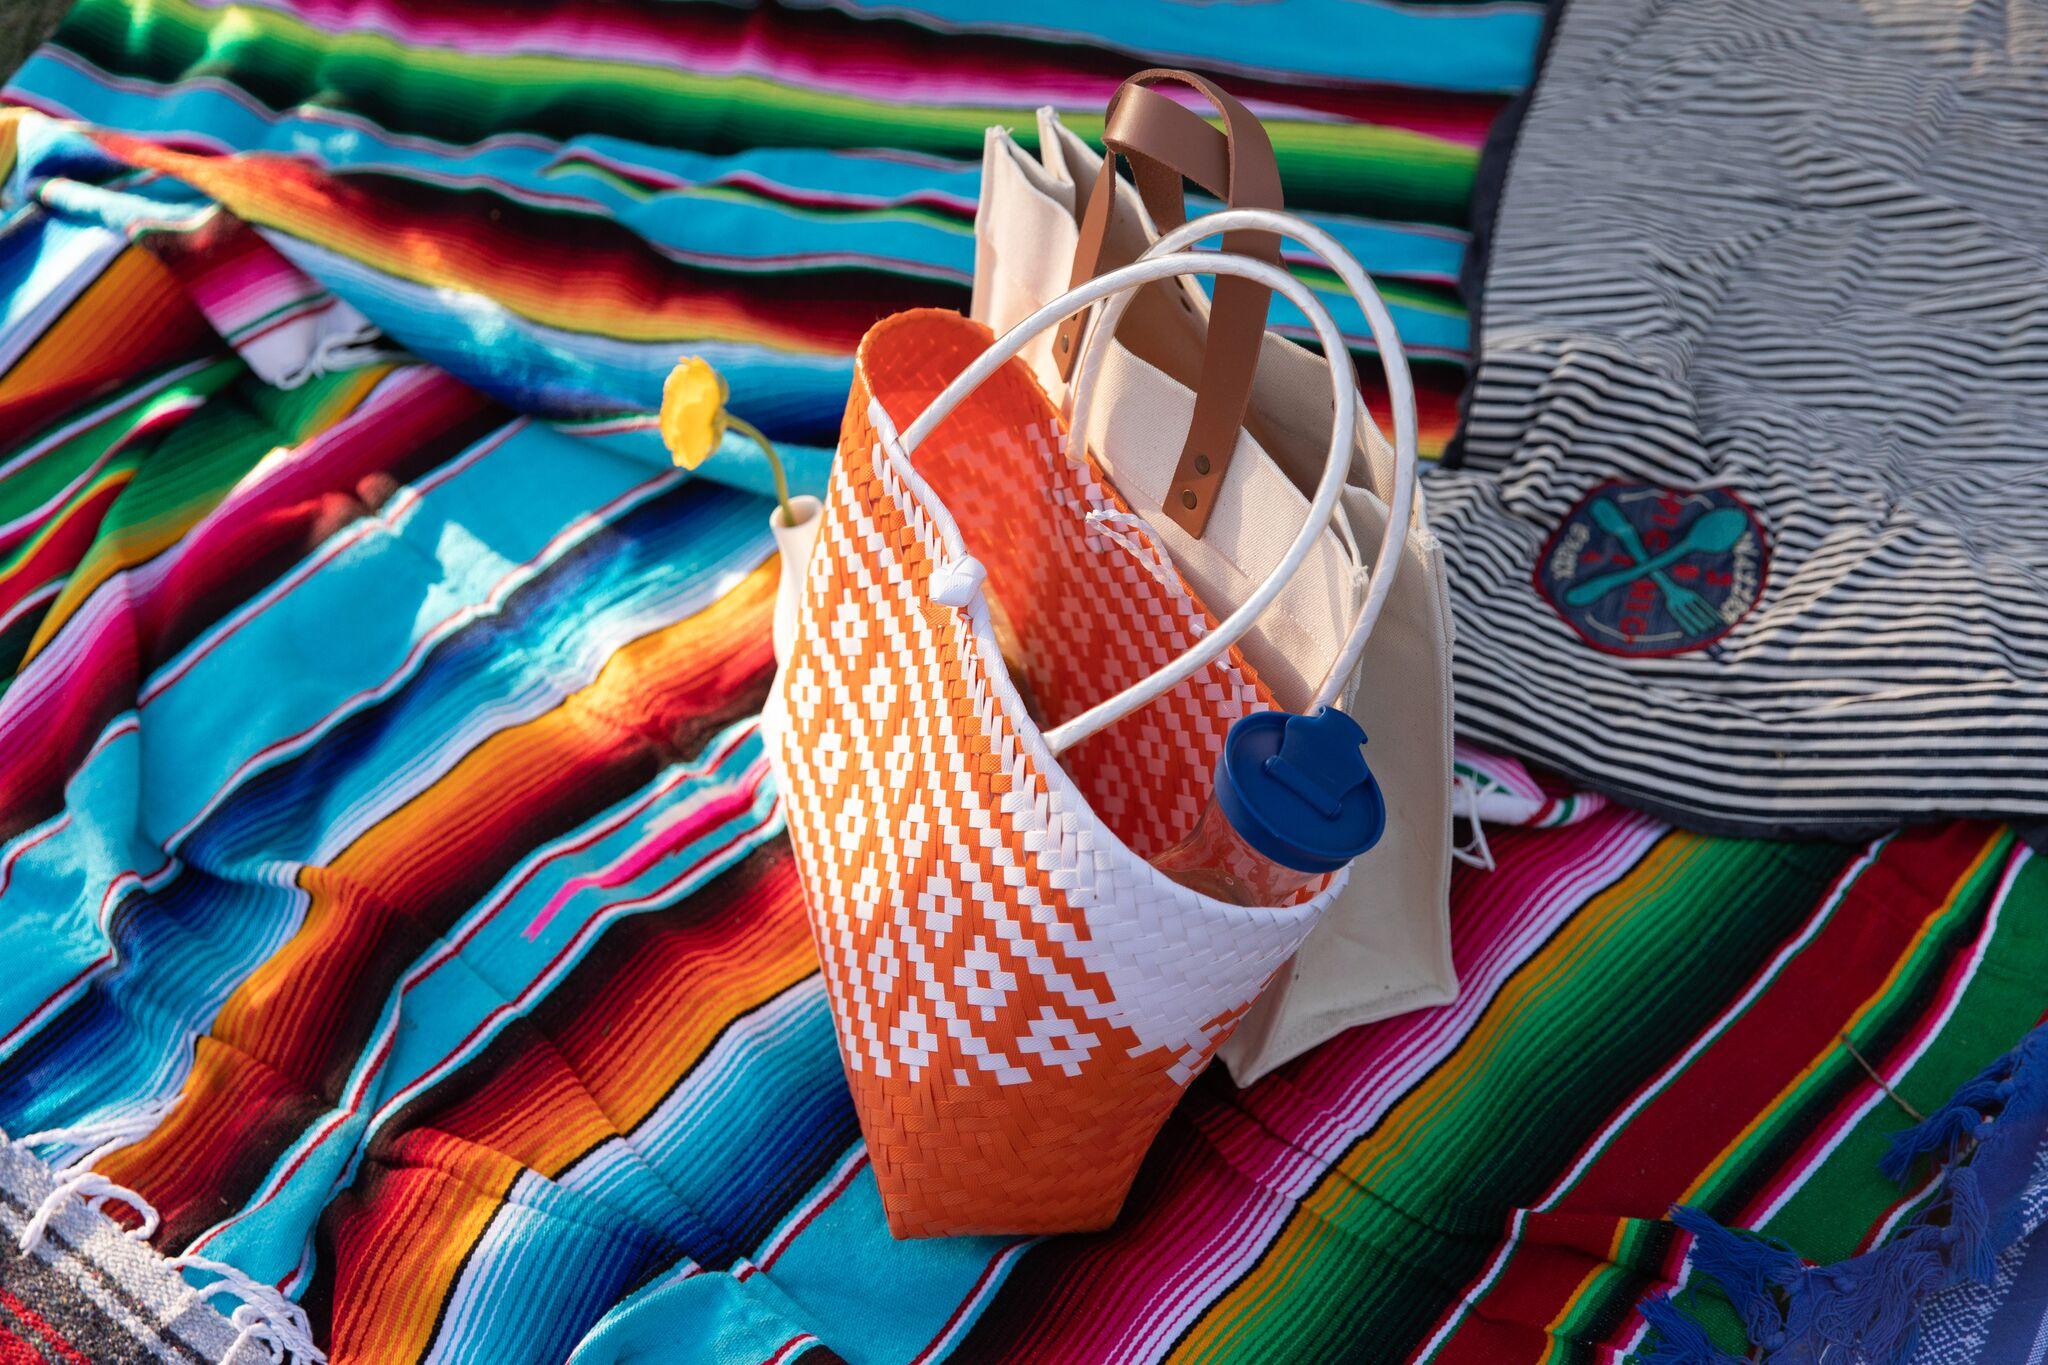 colorful picnic